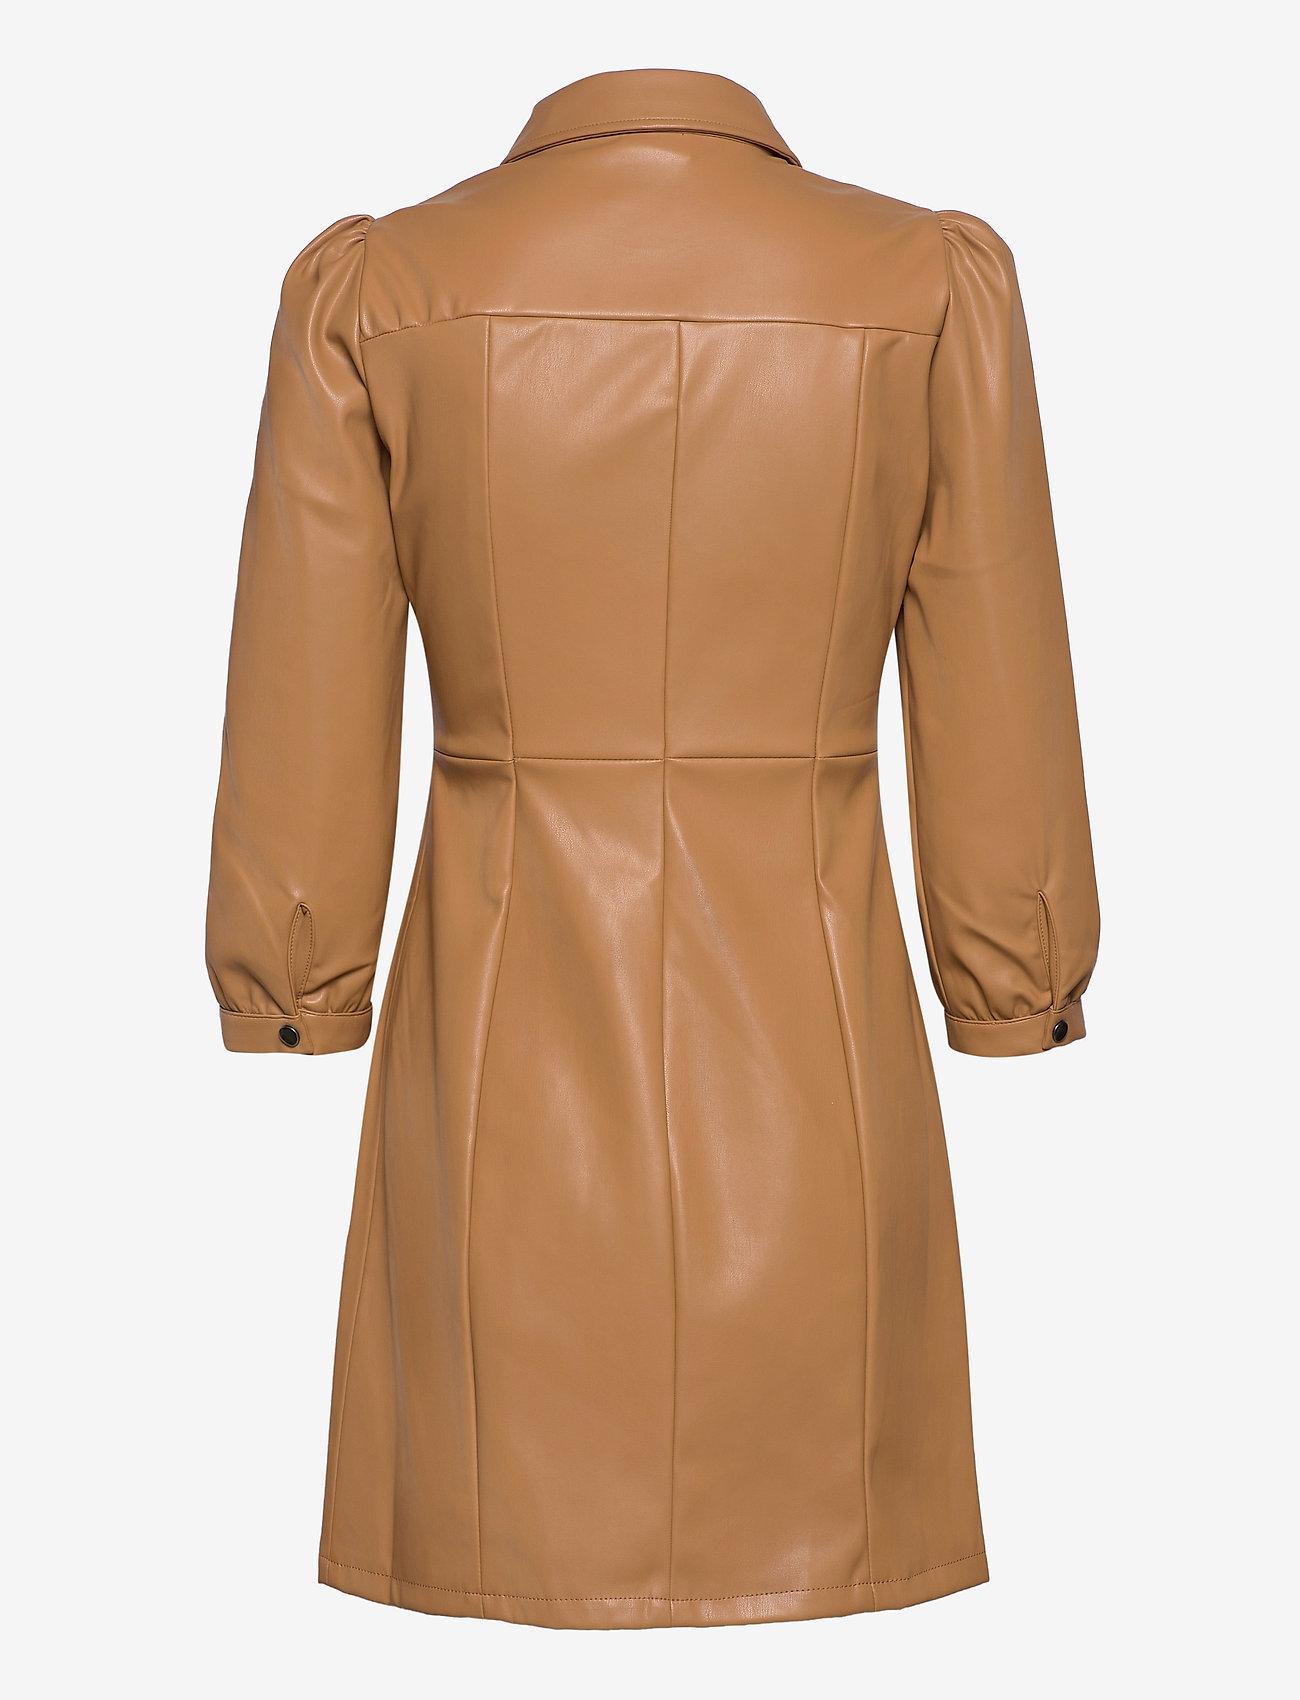 Vero Moda - VMBUTTERMOLLY ABOVE KNEE COATED DRESS - midiklänningar - tobacco brown - 1